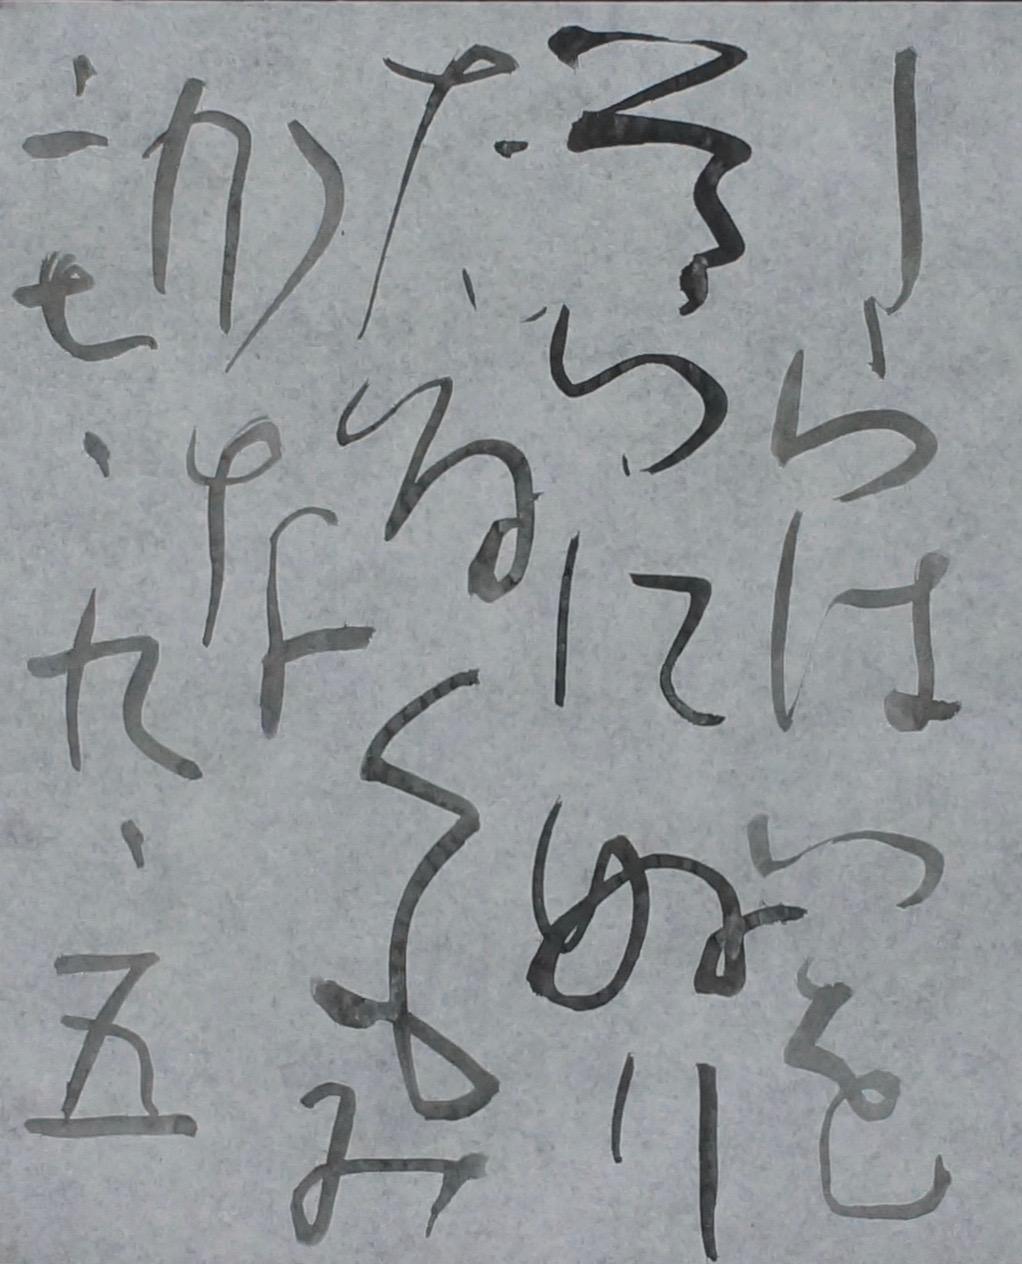 朝歌9月5日_c0169176_731352.jpg